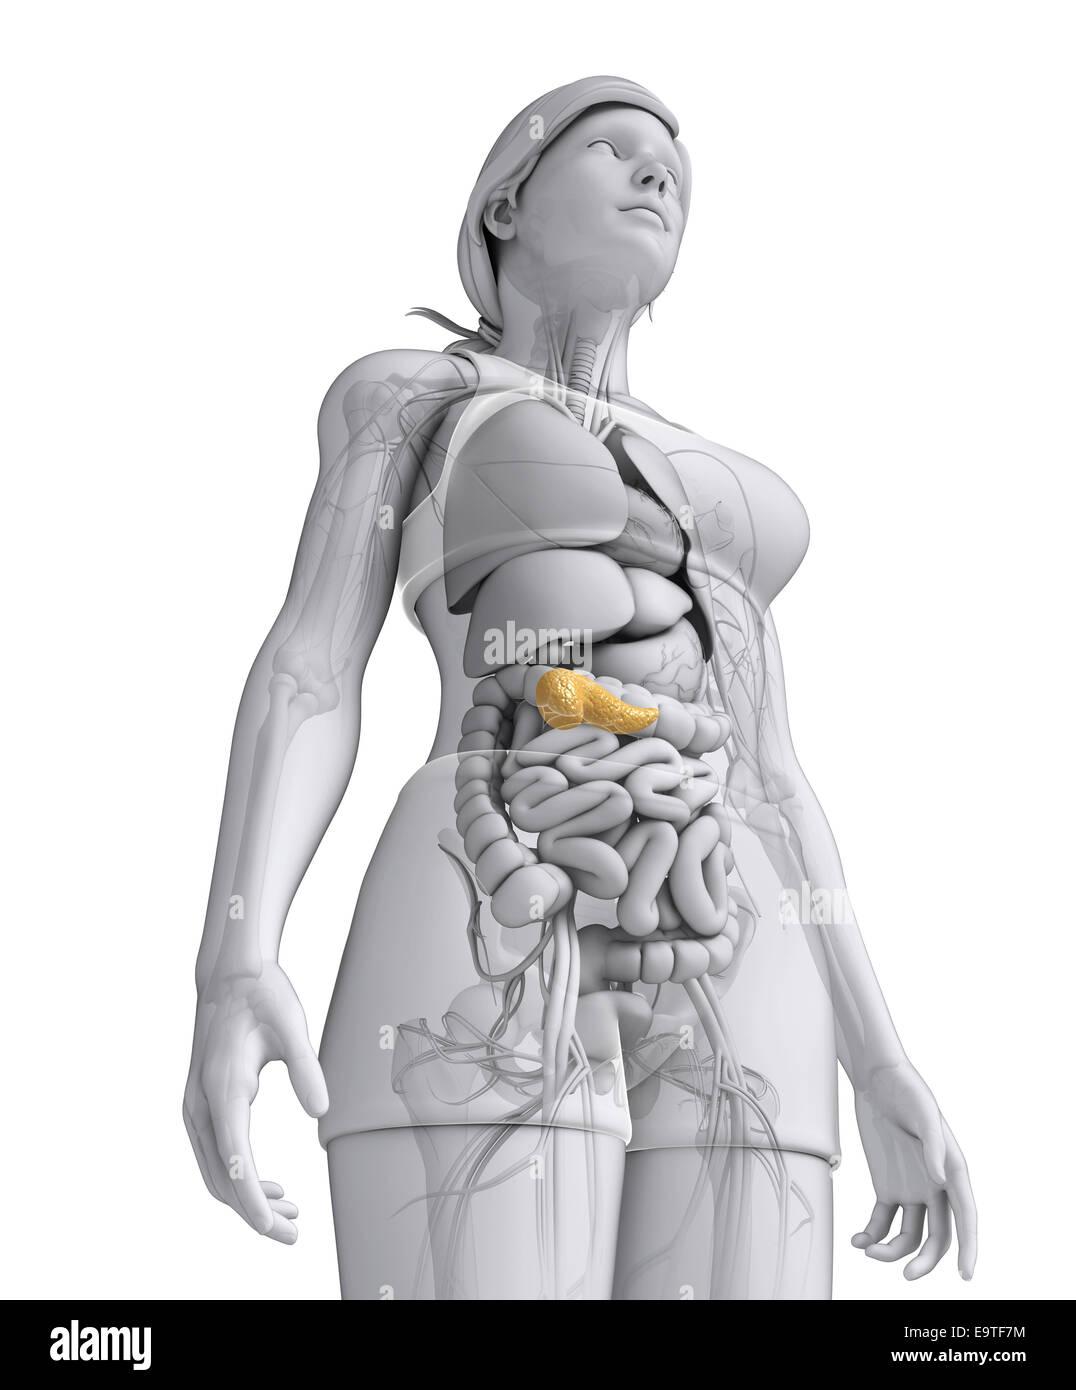 Fantastisch Gummi Anatomie Und Physiologie Bilder - Anatomie Ideen ...